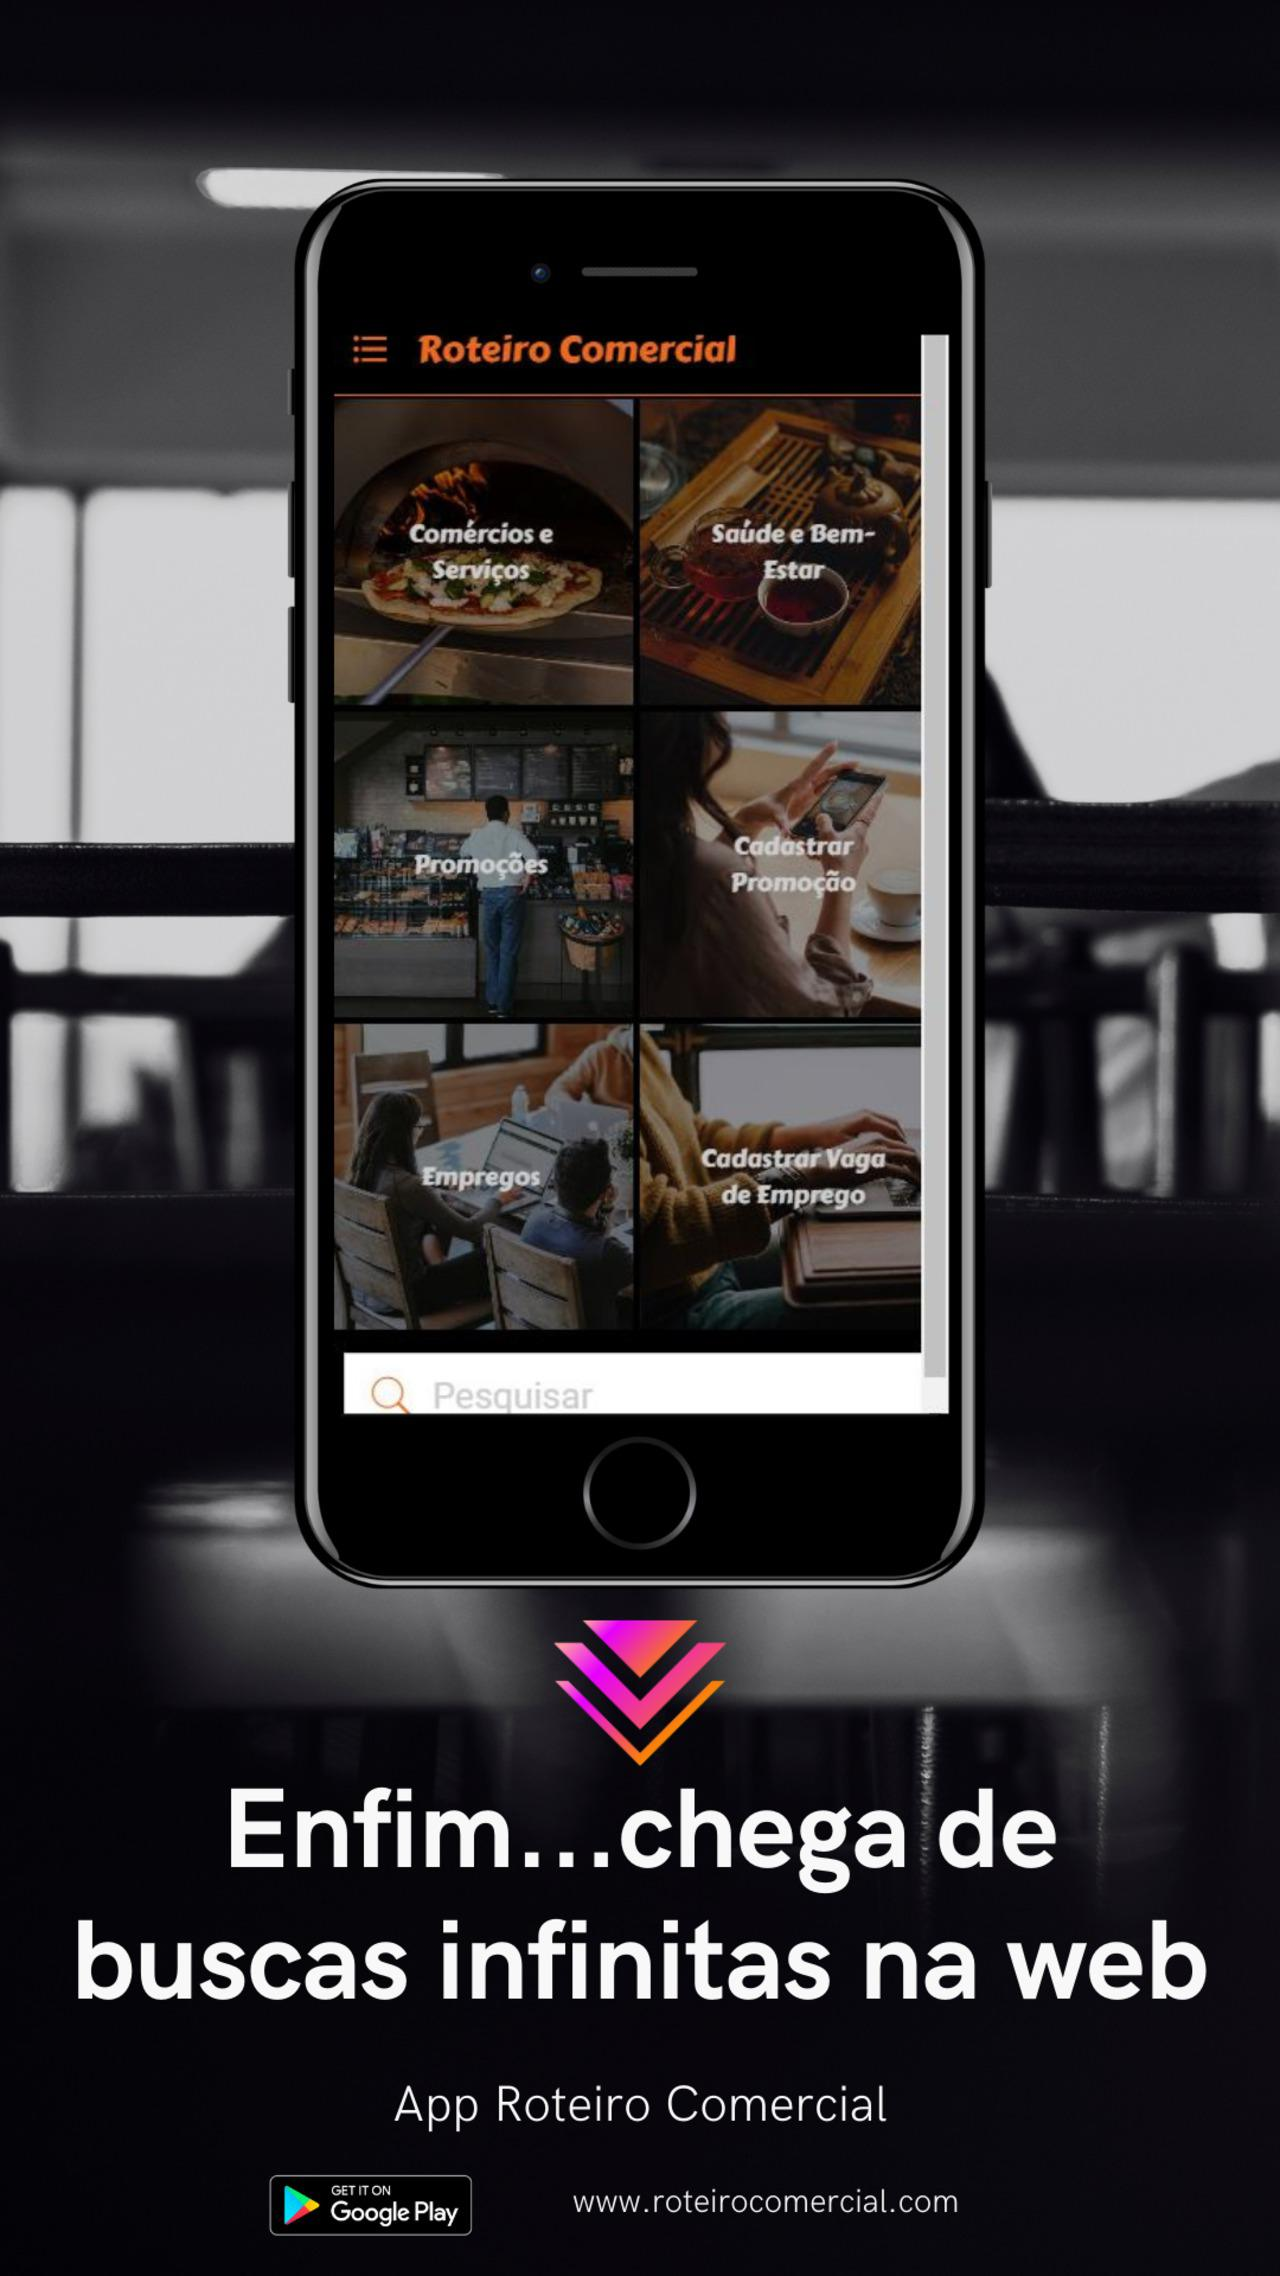 App Roteiro Comercial